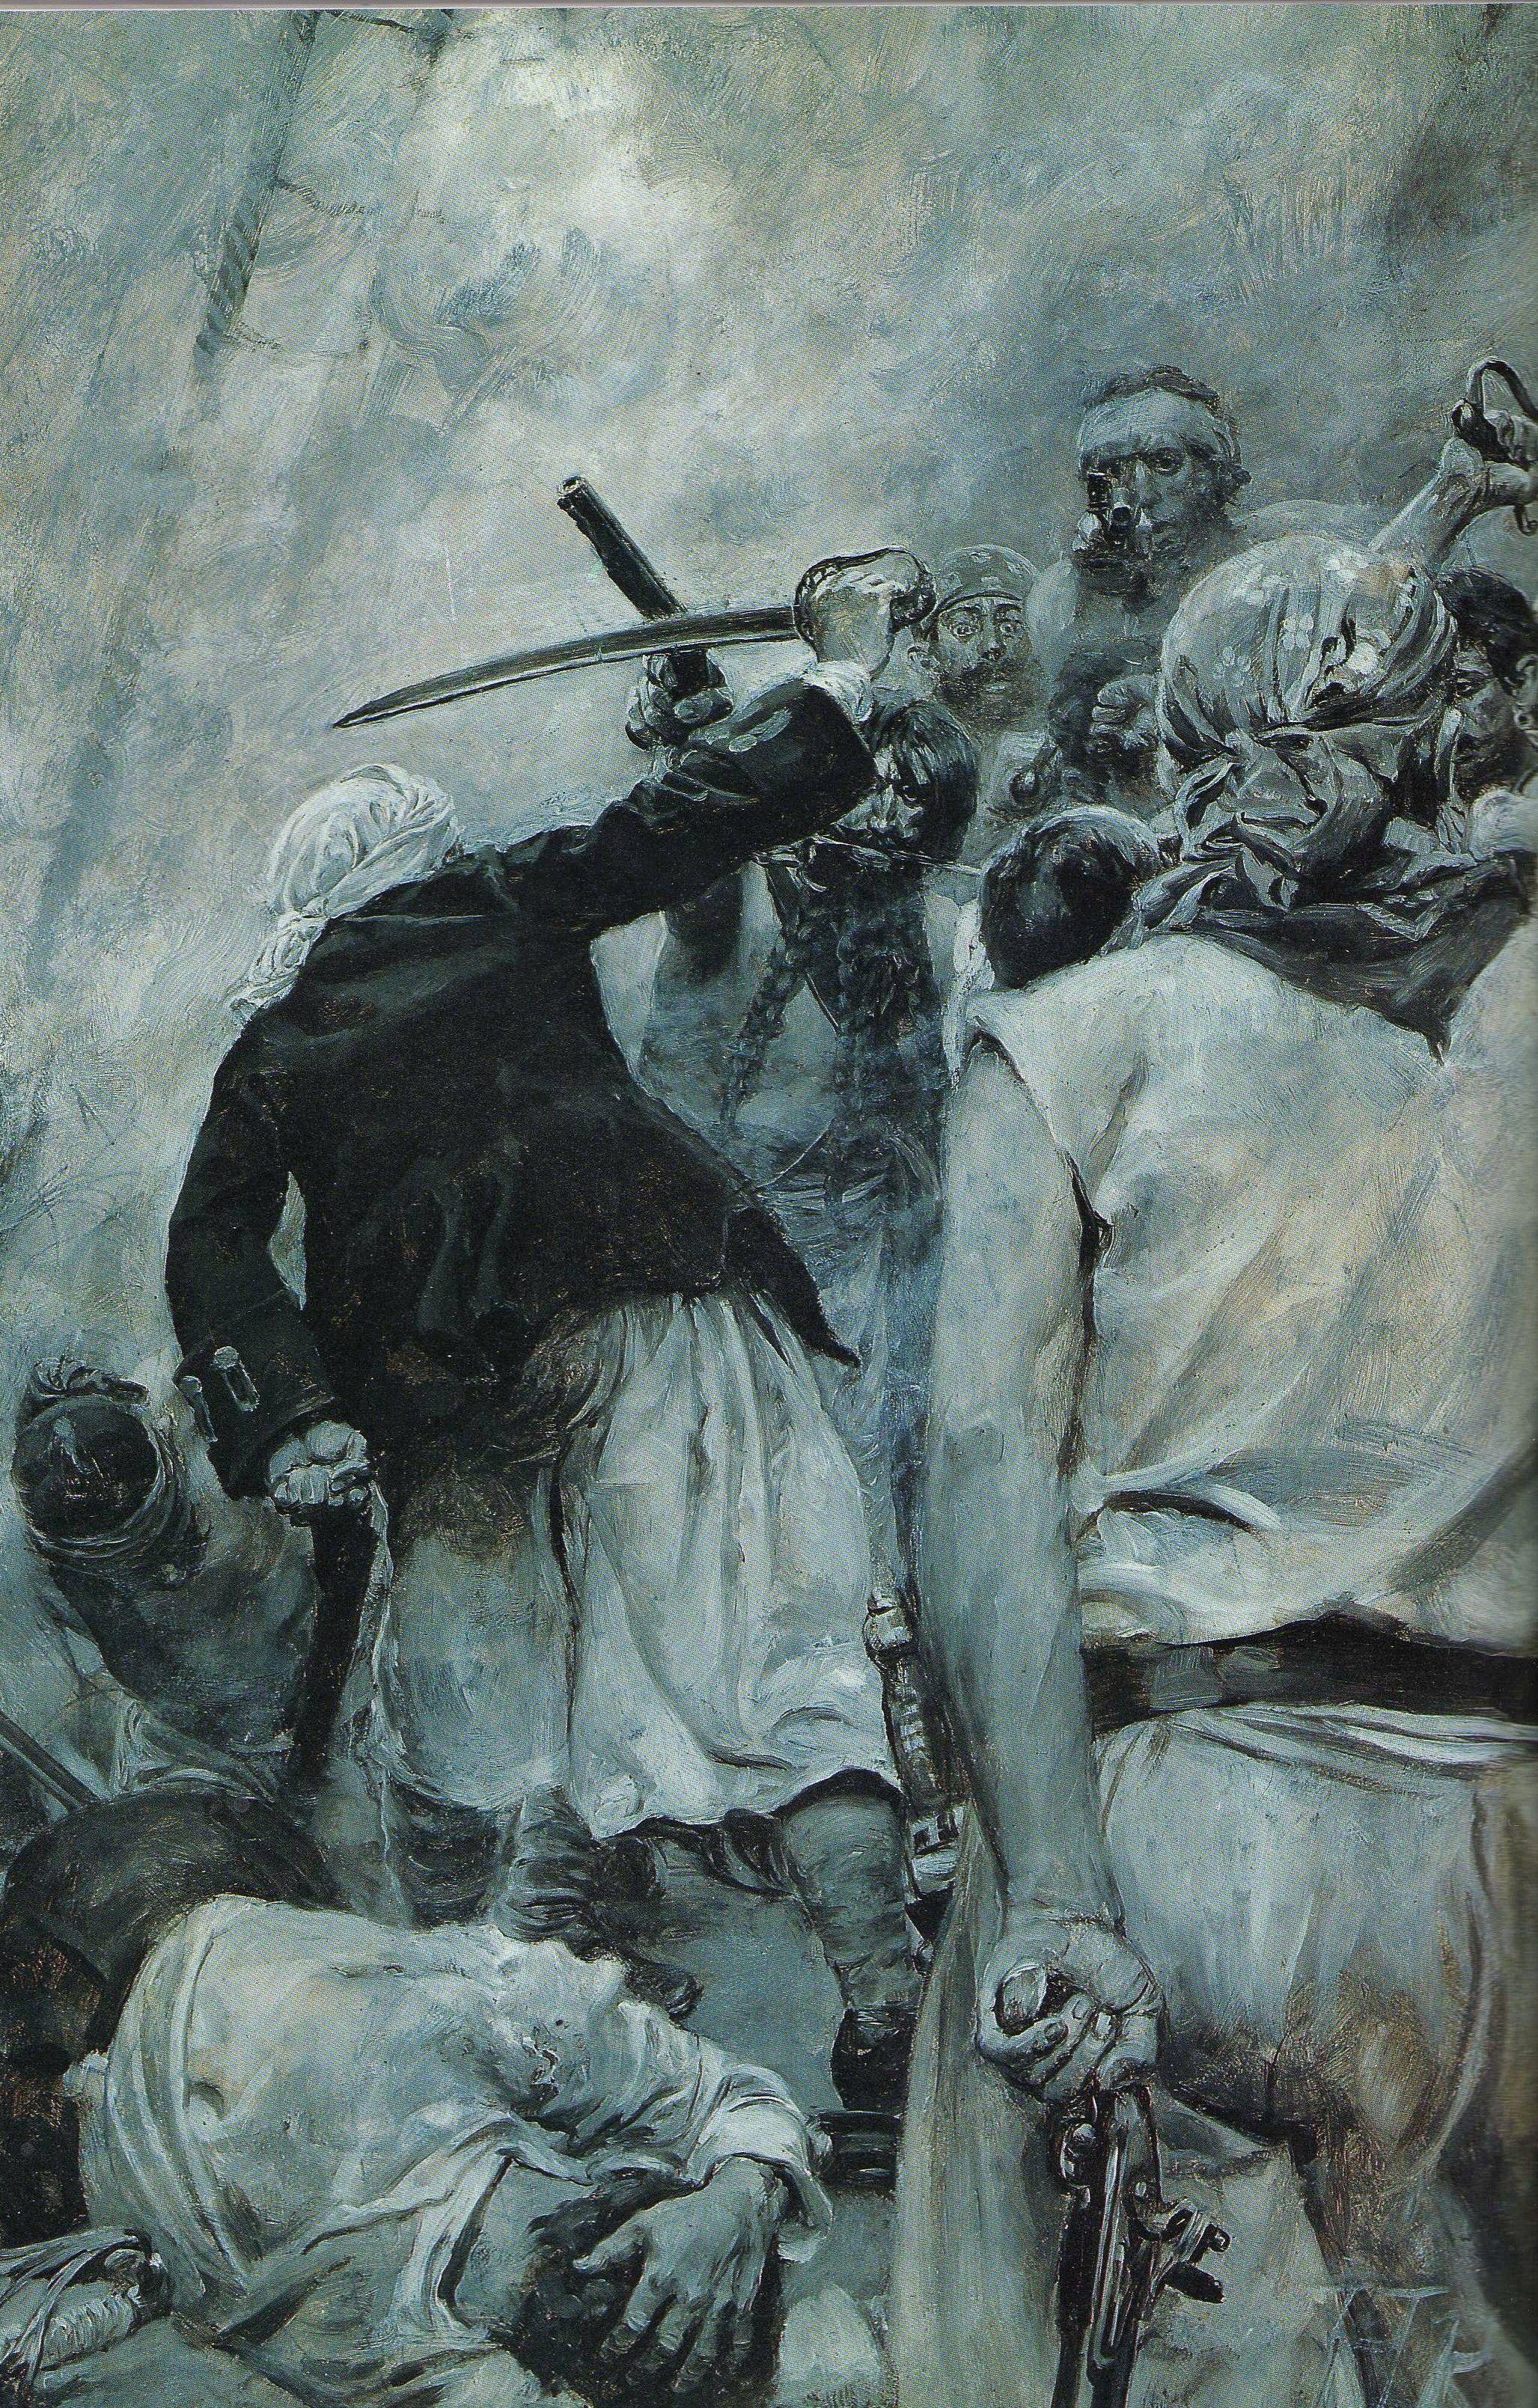 Le dernier combat de Barbe-Noire, huile sur toile, Howard Pyle